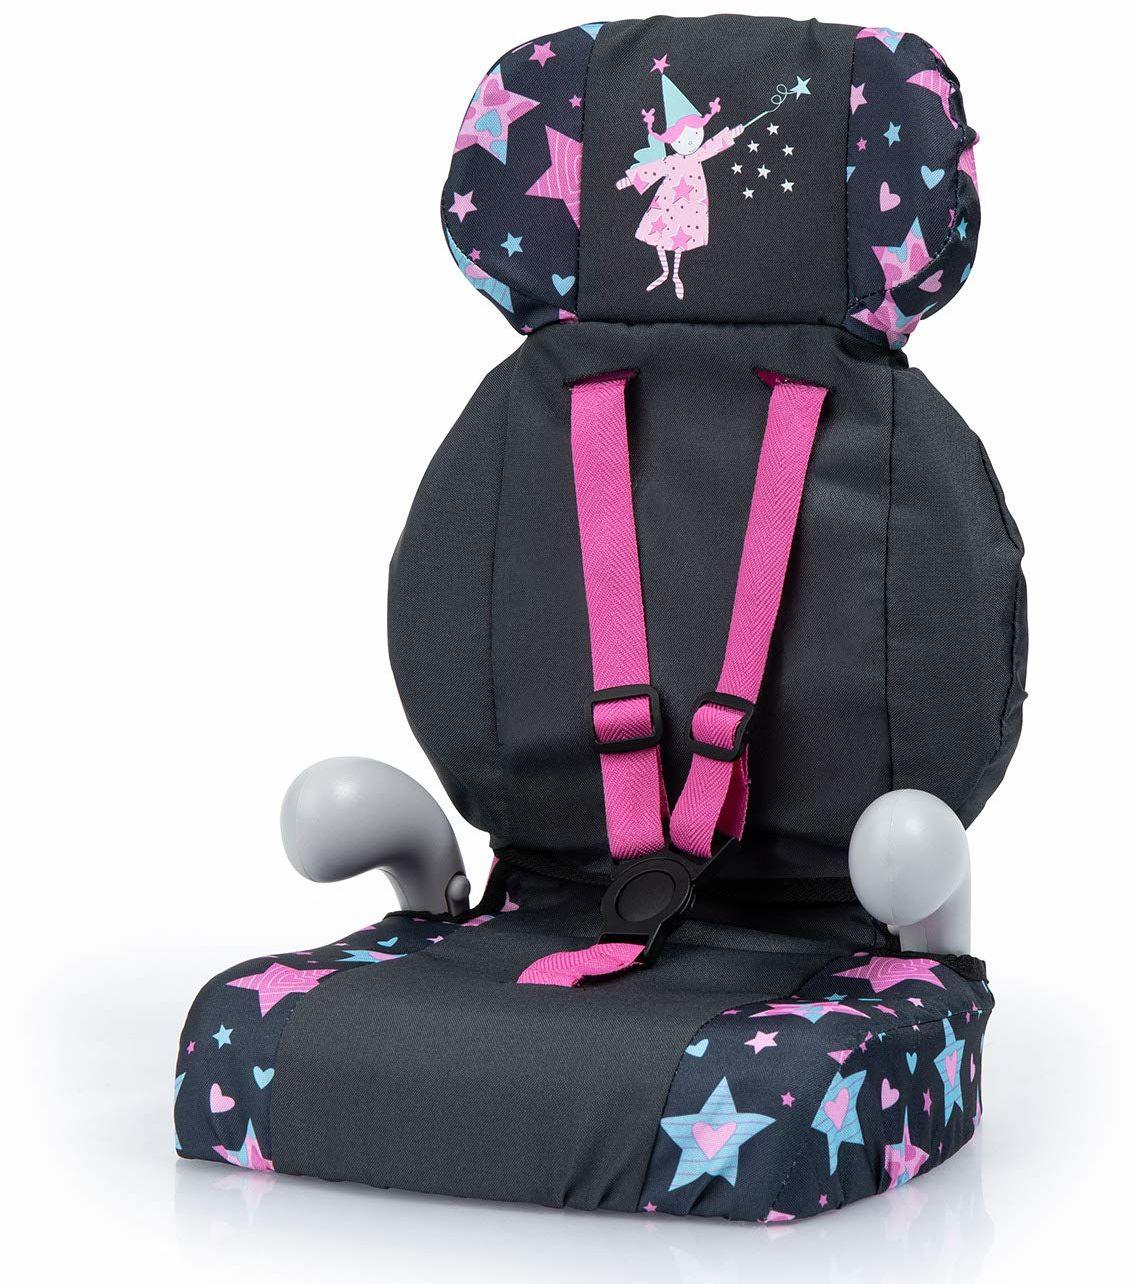 Bayer Design 67506AA Deluxe fotelik samochodowy, akcesoria dla lalek, zabawka dla chłopców i dziewcząt, z paskiem, czarny, gwiazdy z wróżką